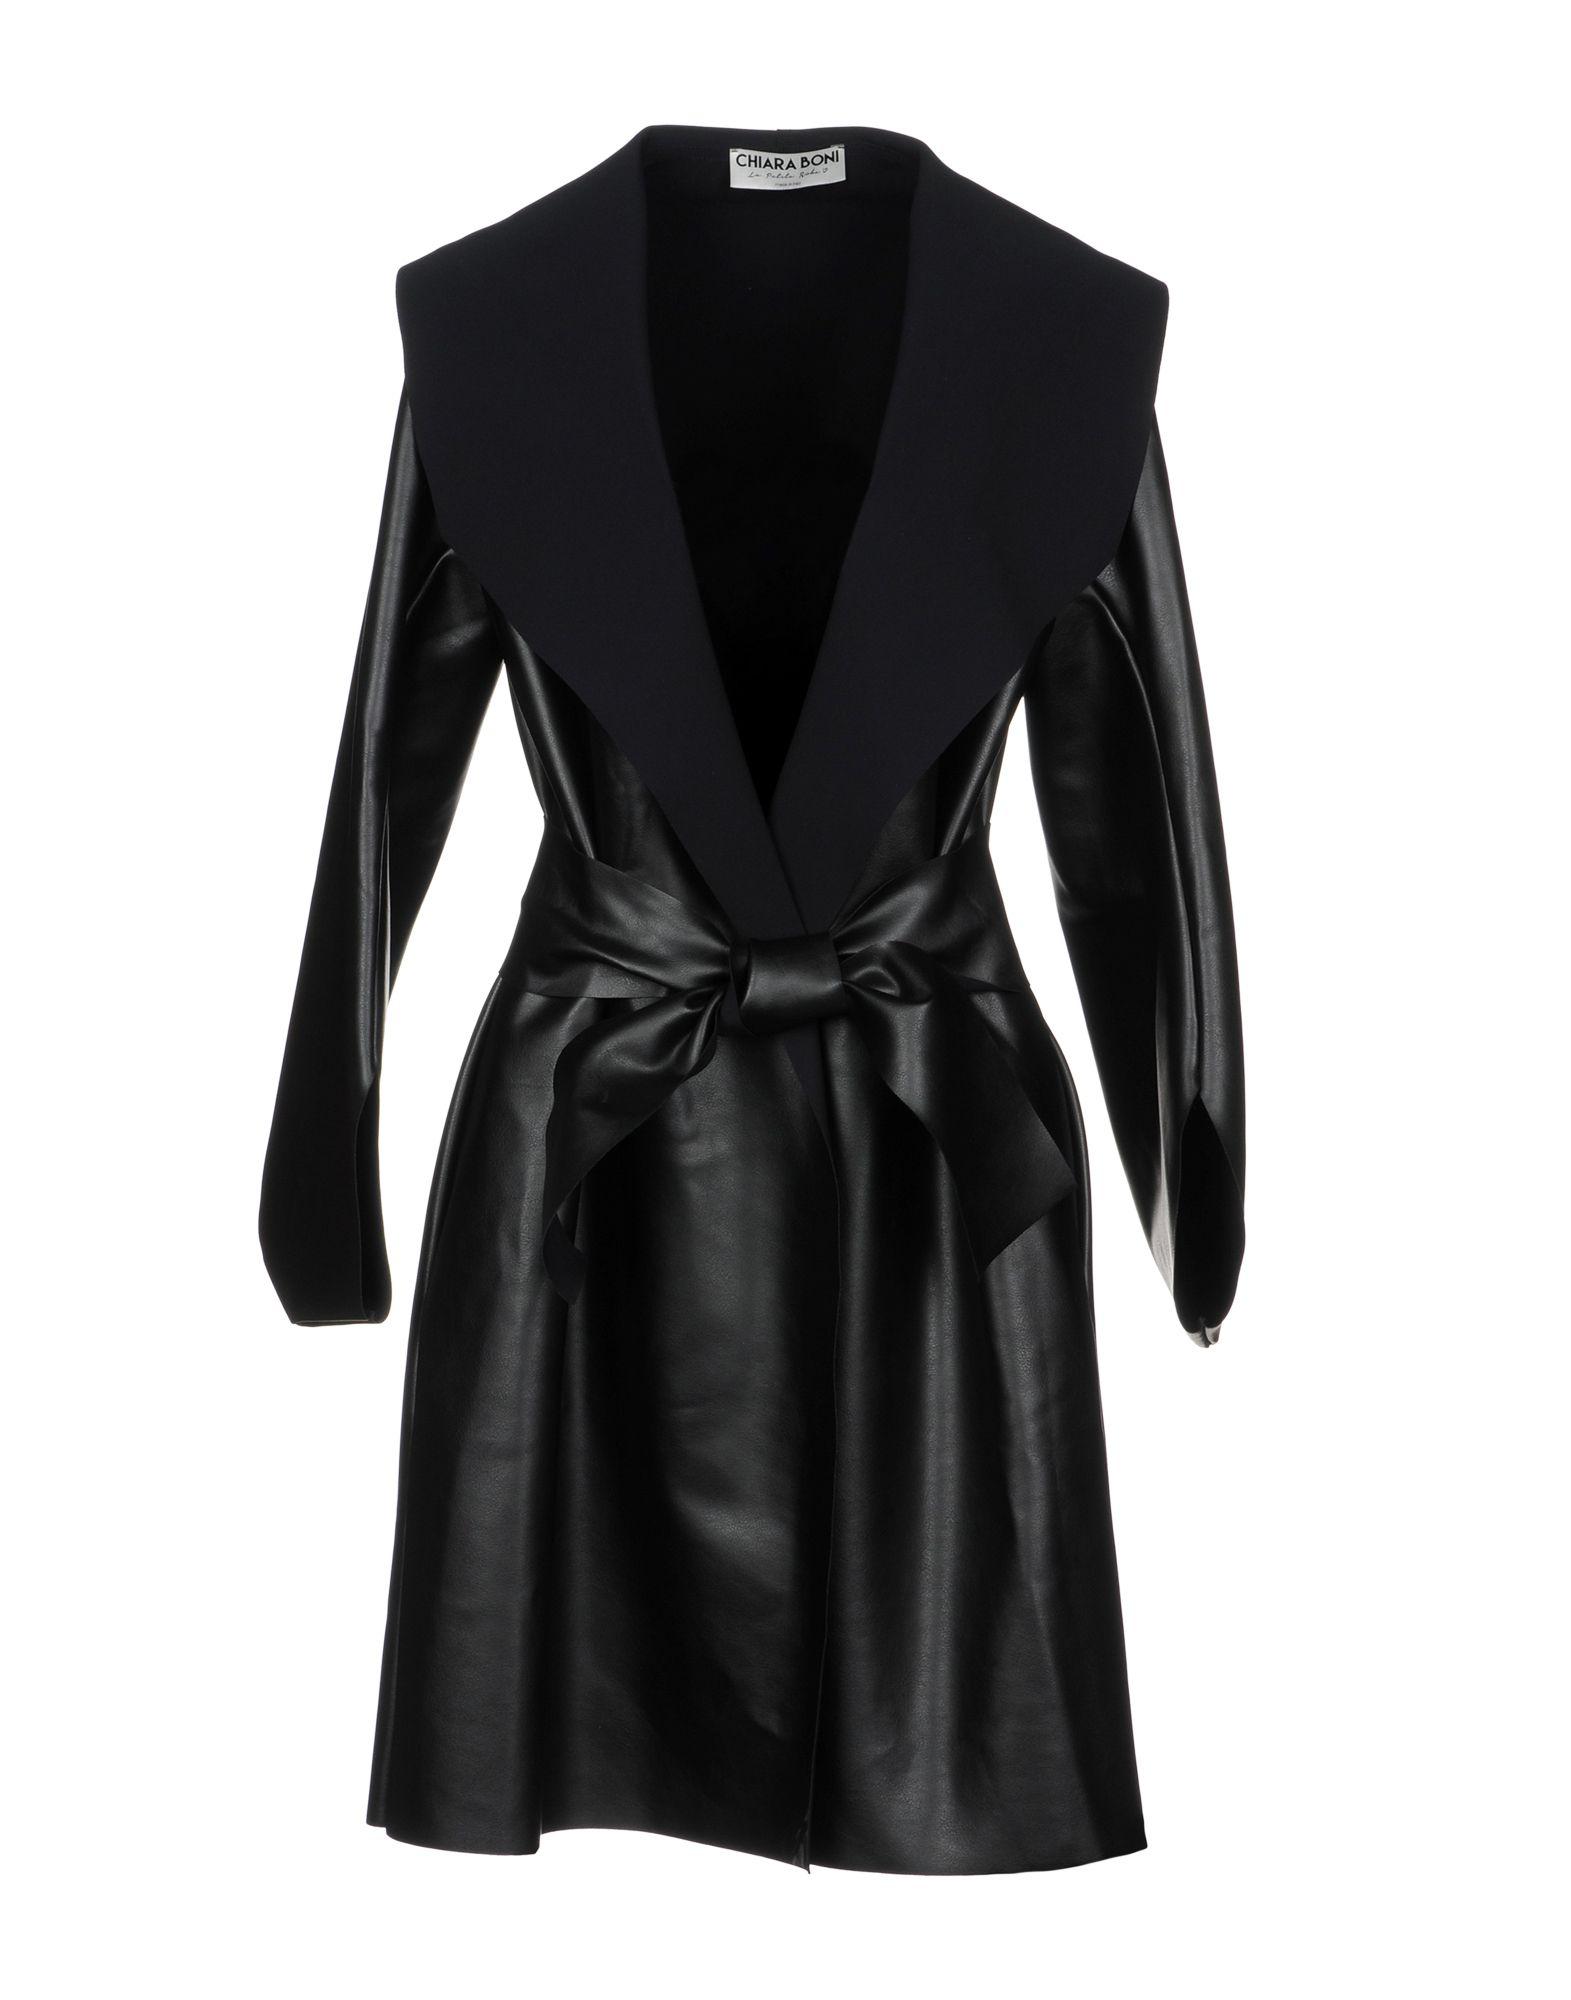 Soprabito Chiara Boni La Petite Robe Donna - Acquista online su SQKDFI